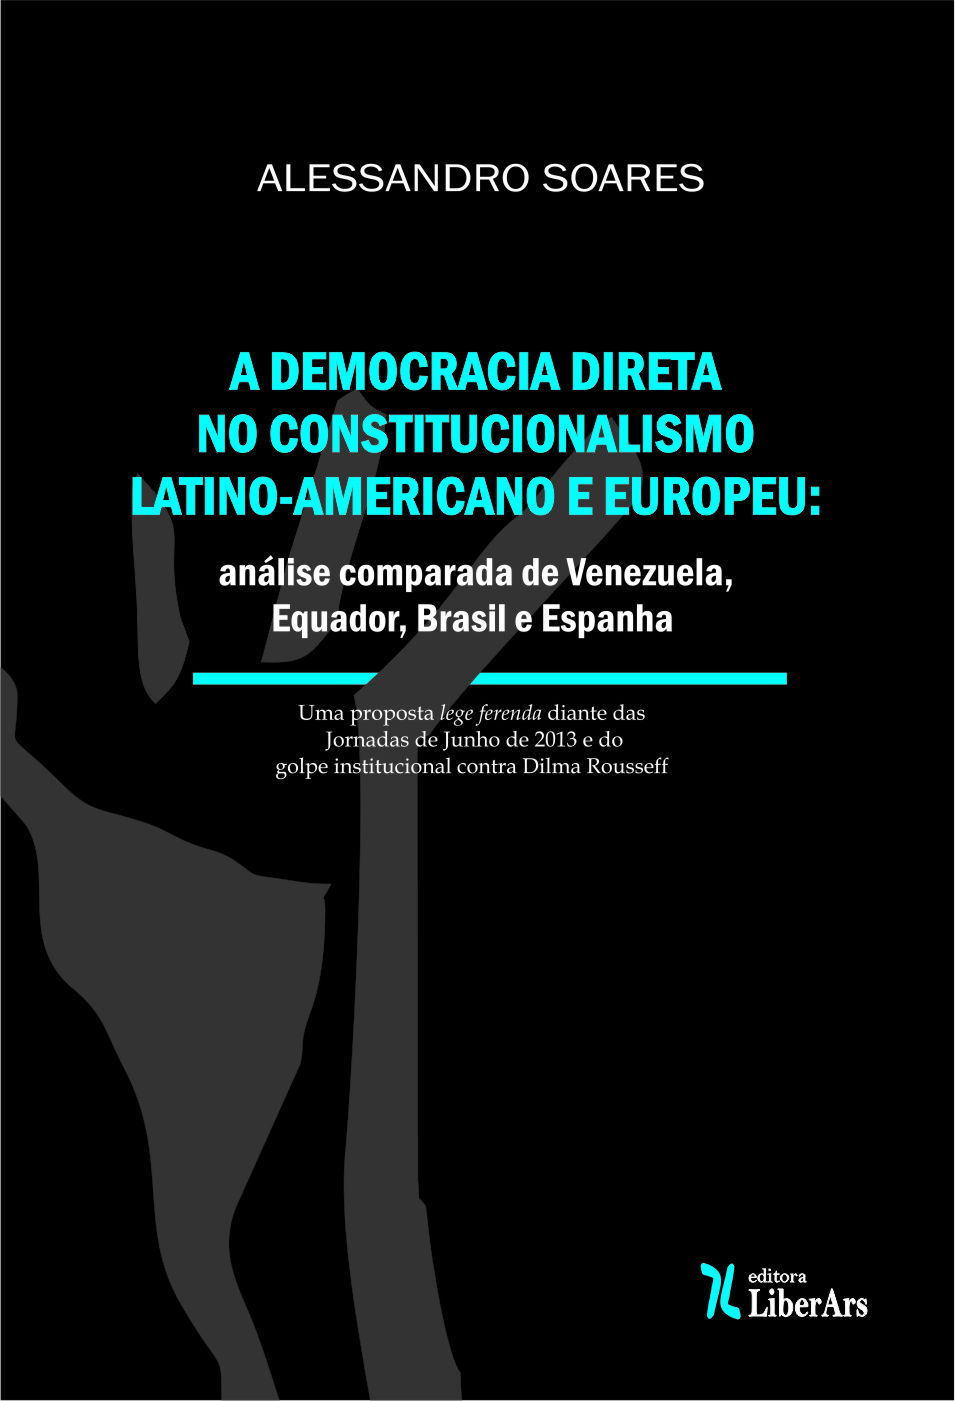 Democracia direta no constitucionalismo latino-americano e europeu: análise comparada de Venezuela, Equador, Brasil e Espanha, A, livro de Alessandro Soares